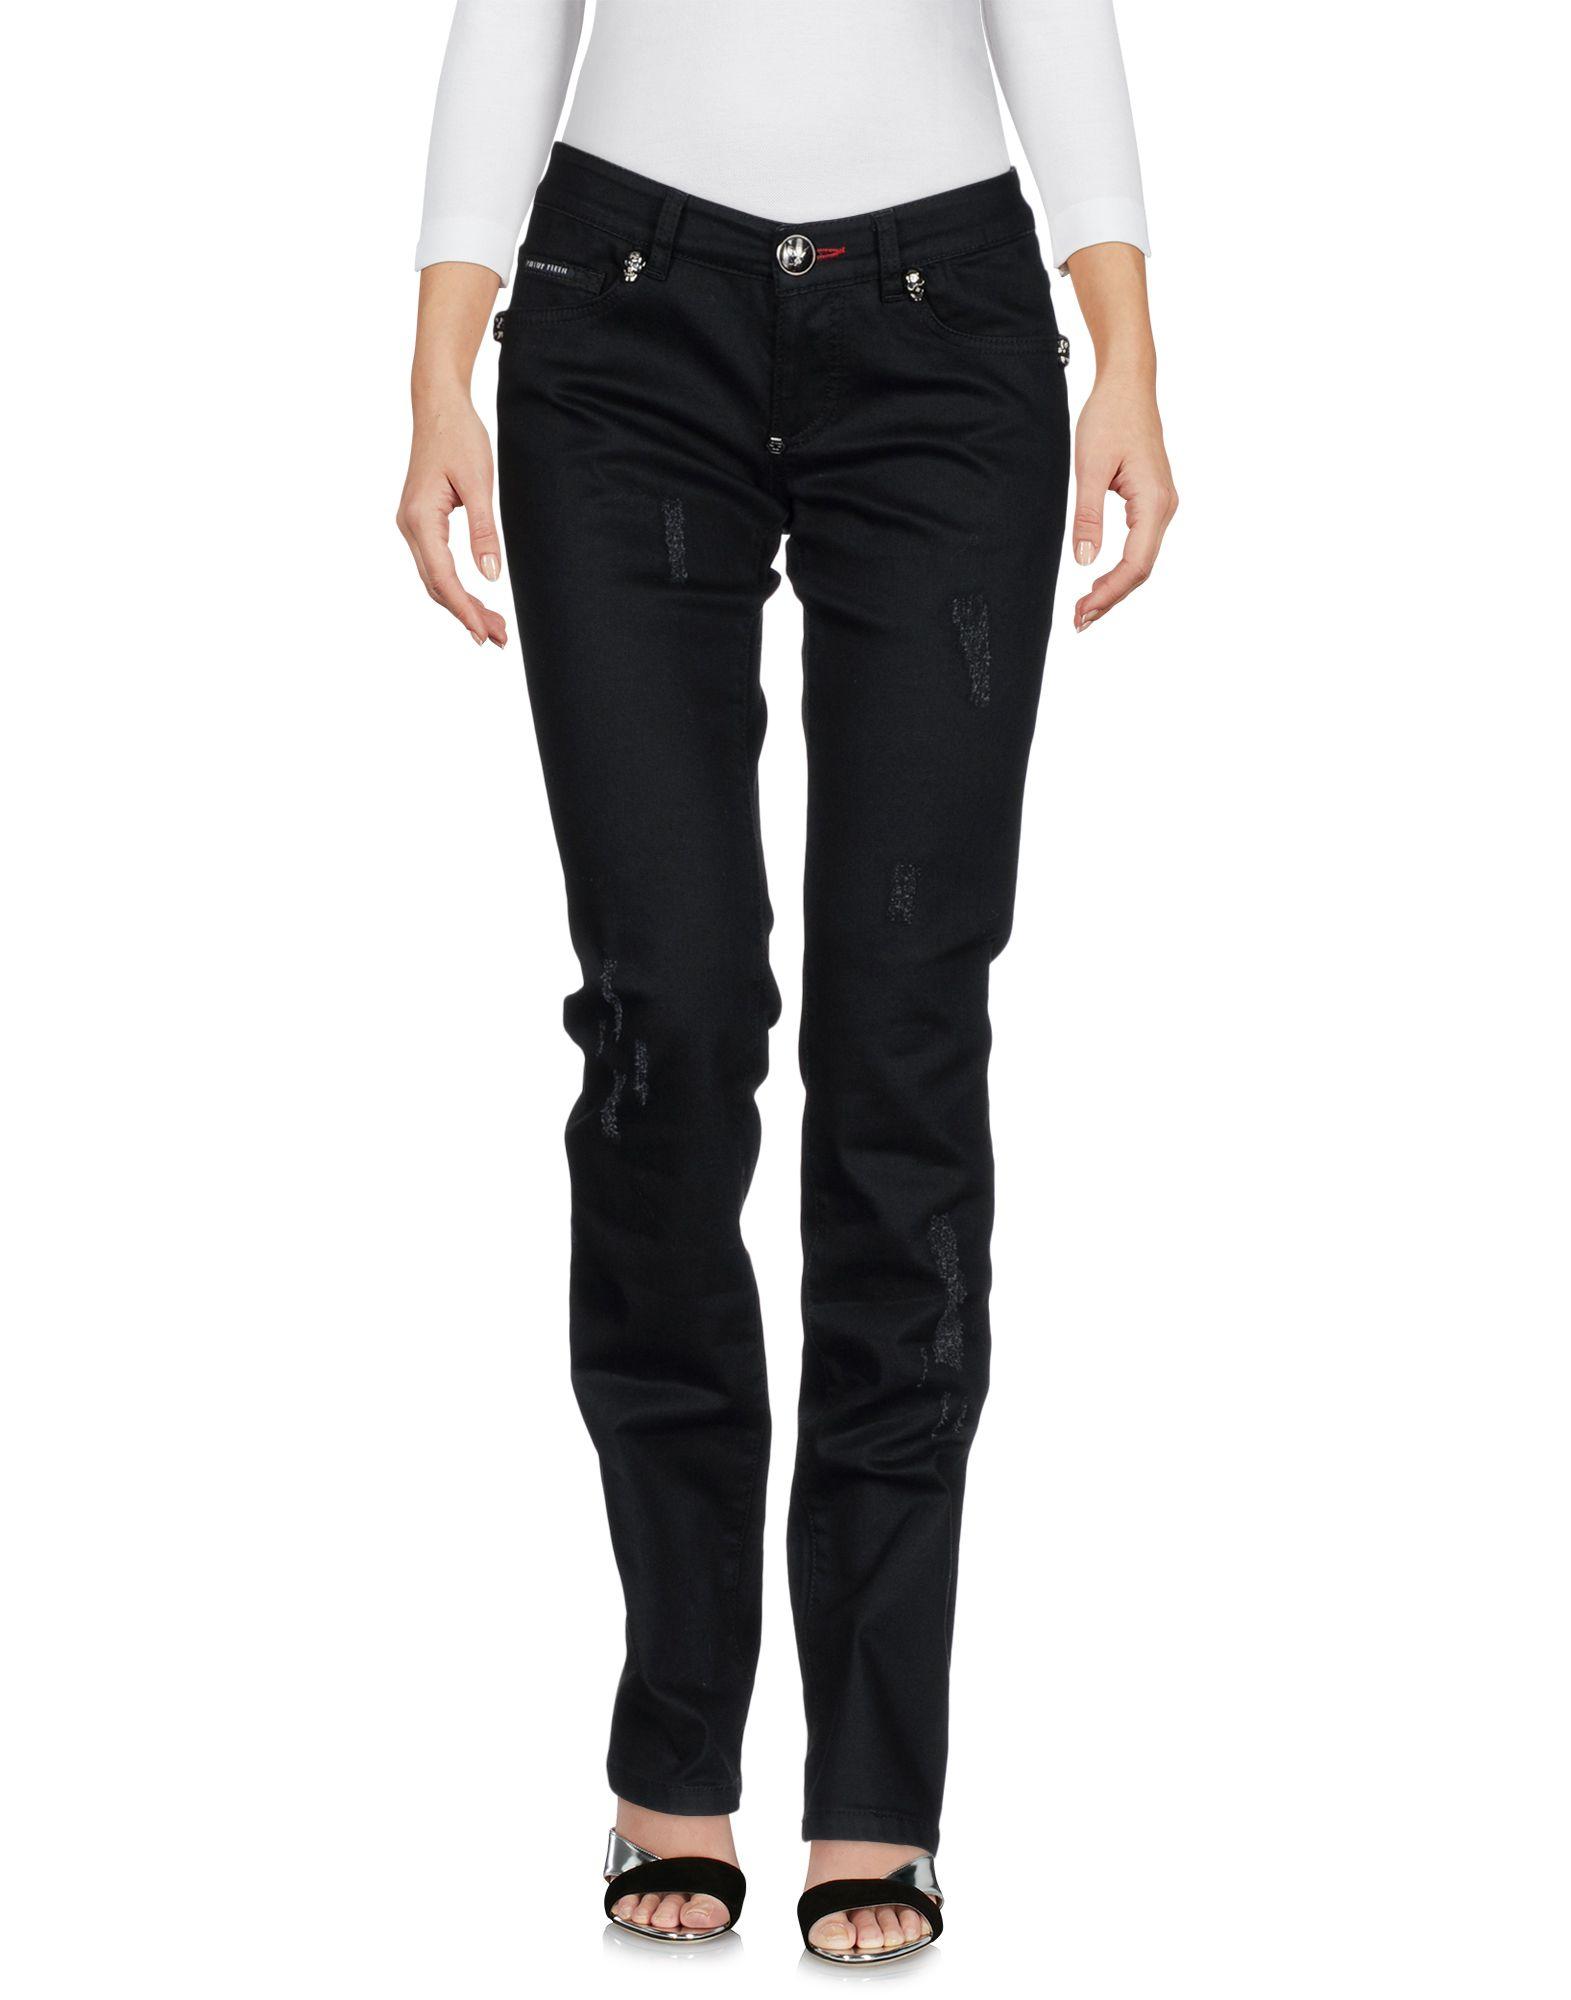 Pantaloni Jeans Philipp Plein Donna - Acquista online su RNcHKV9